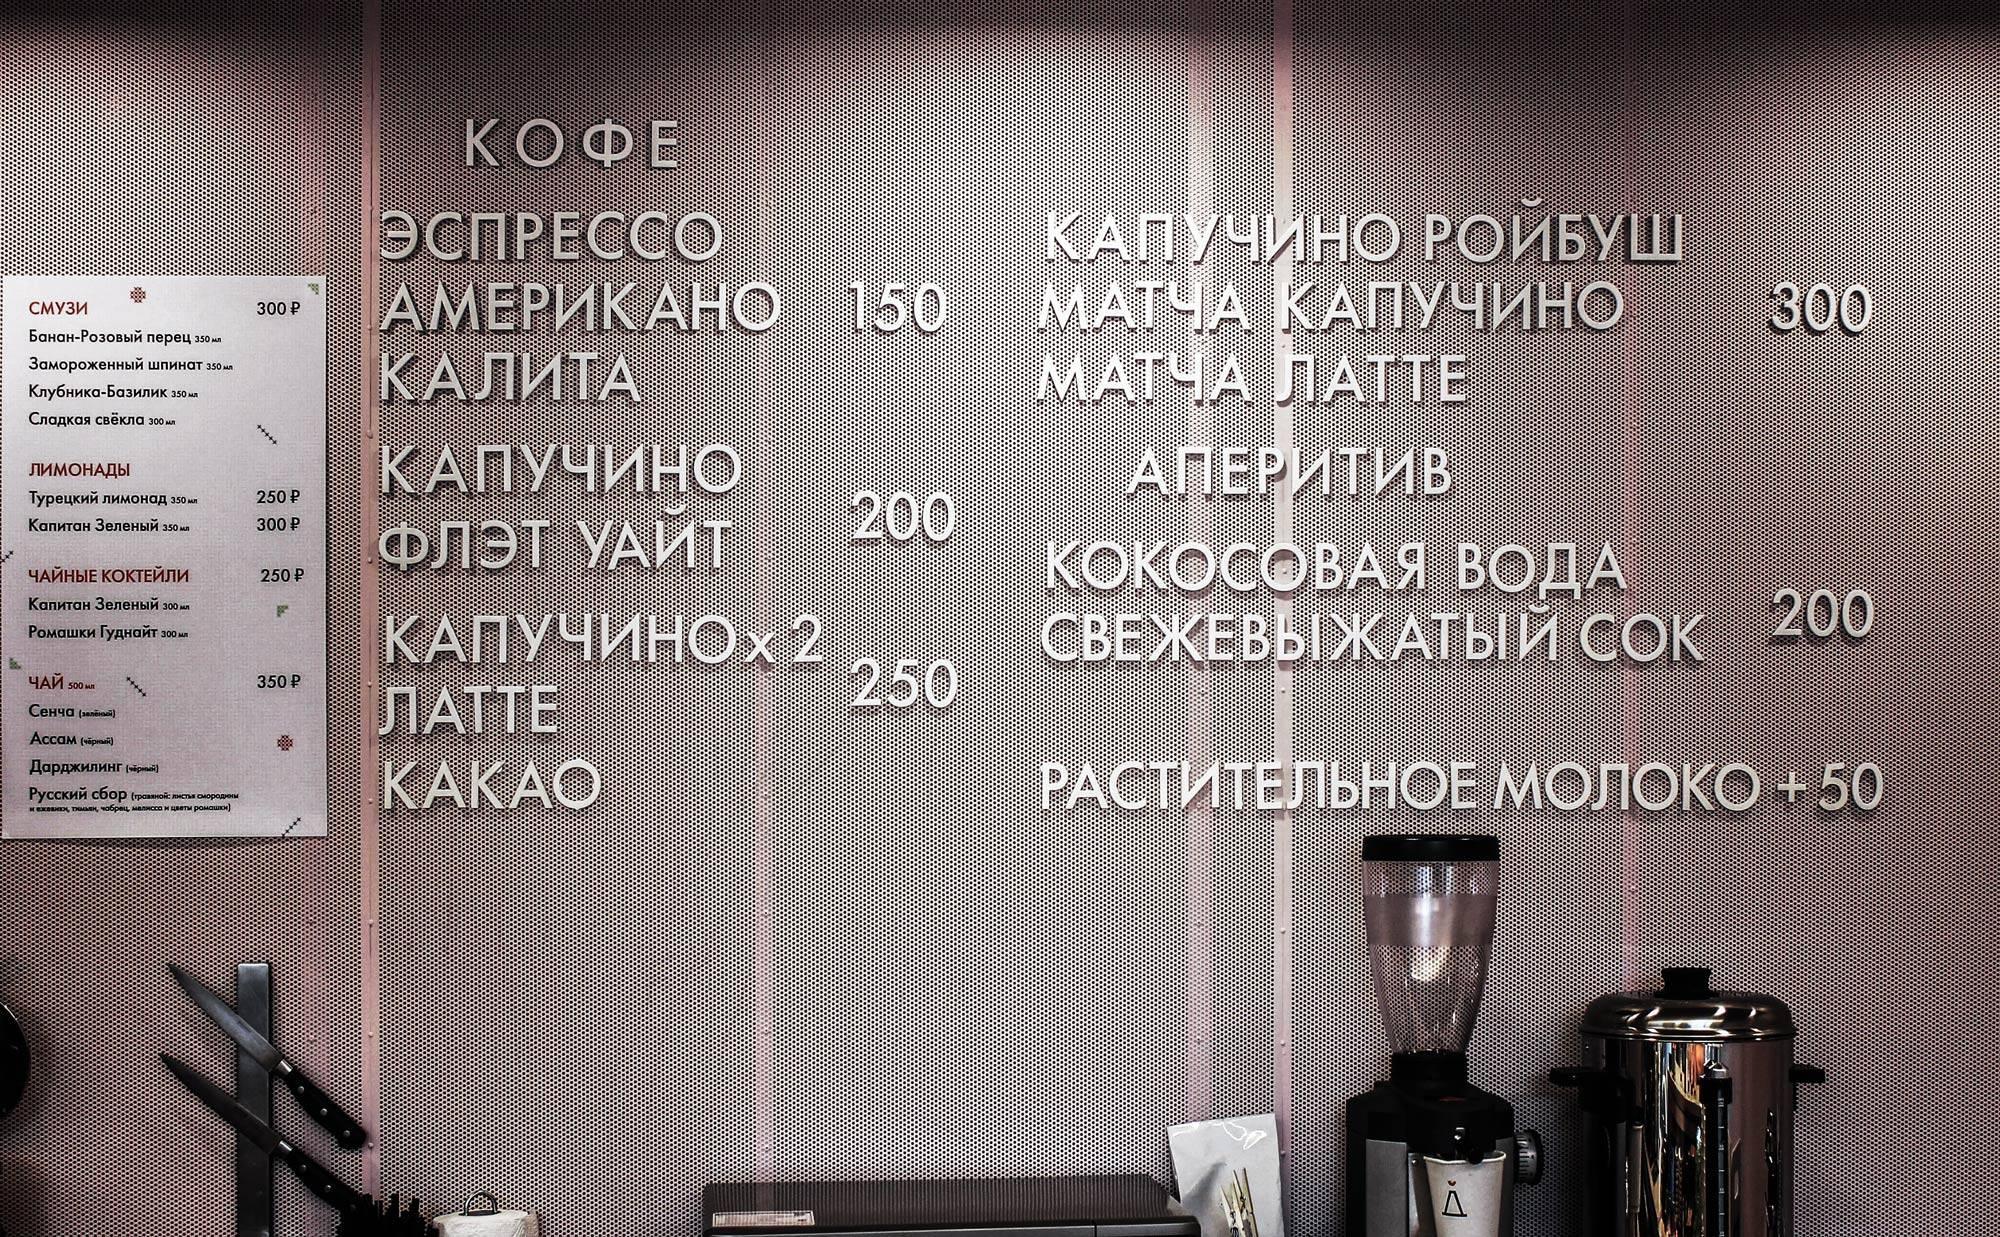 кофе в кофейне Делюсь Душой, цены на кофе